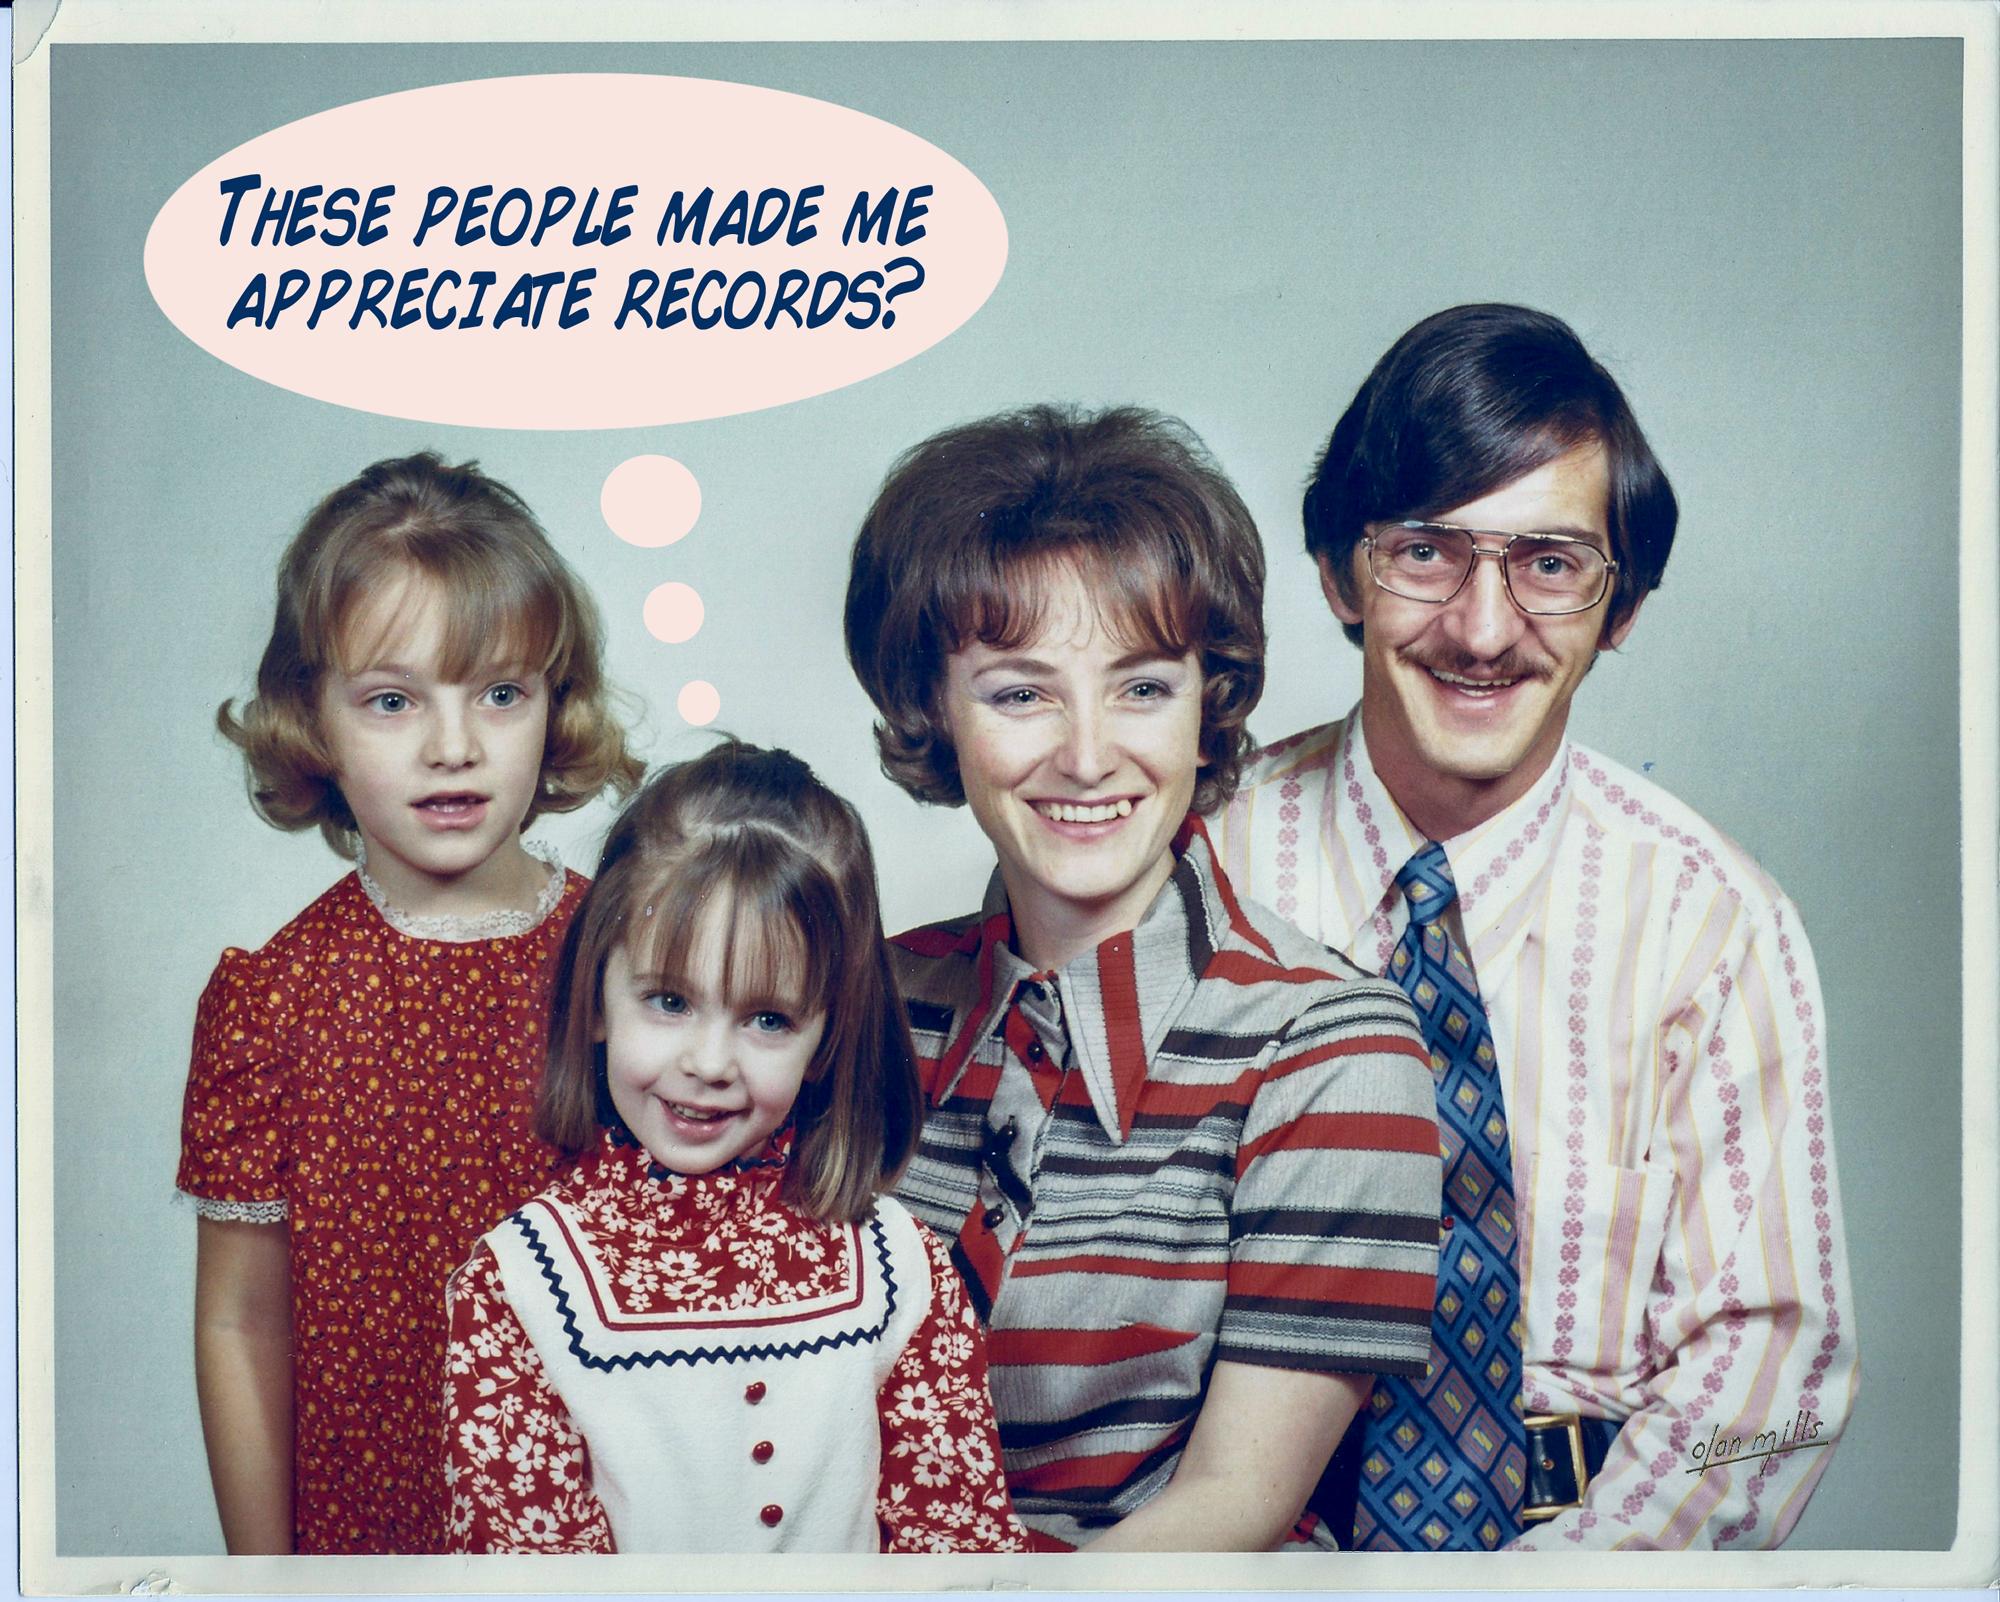 family---appreciate-records